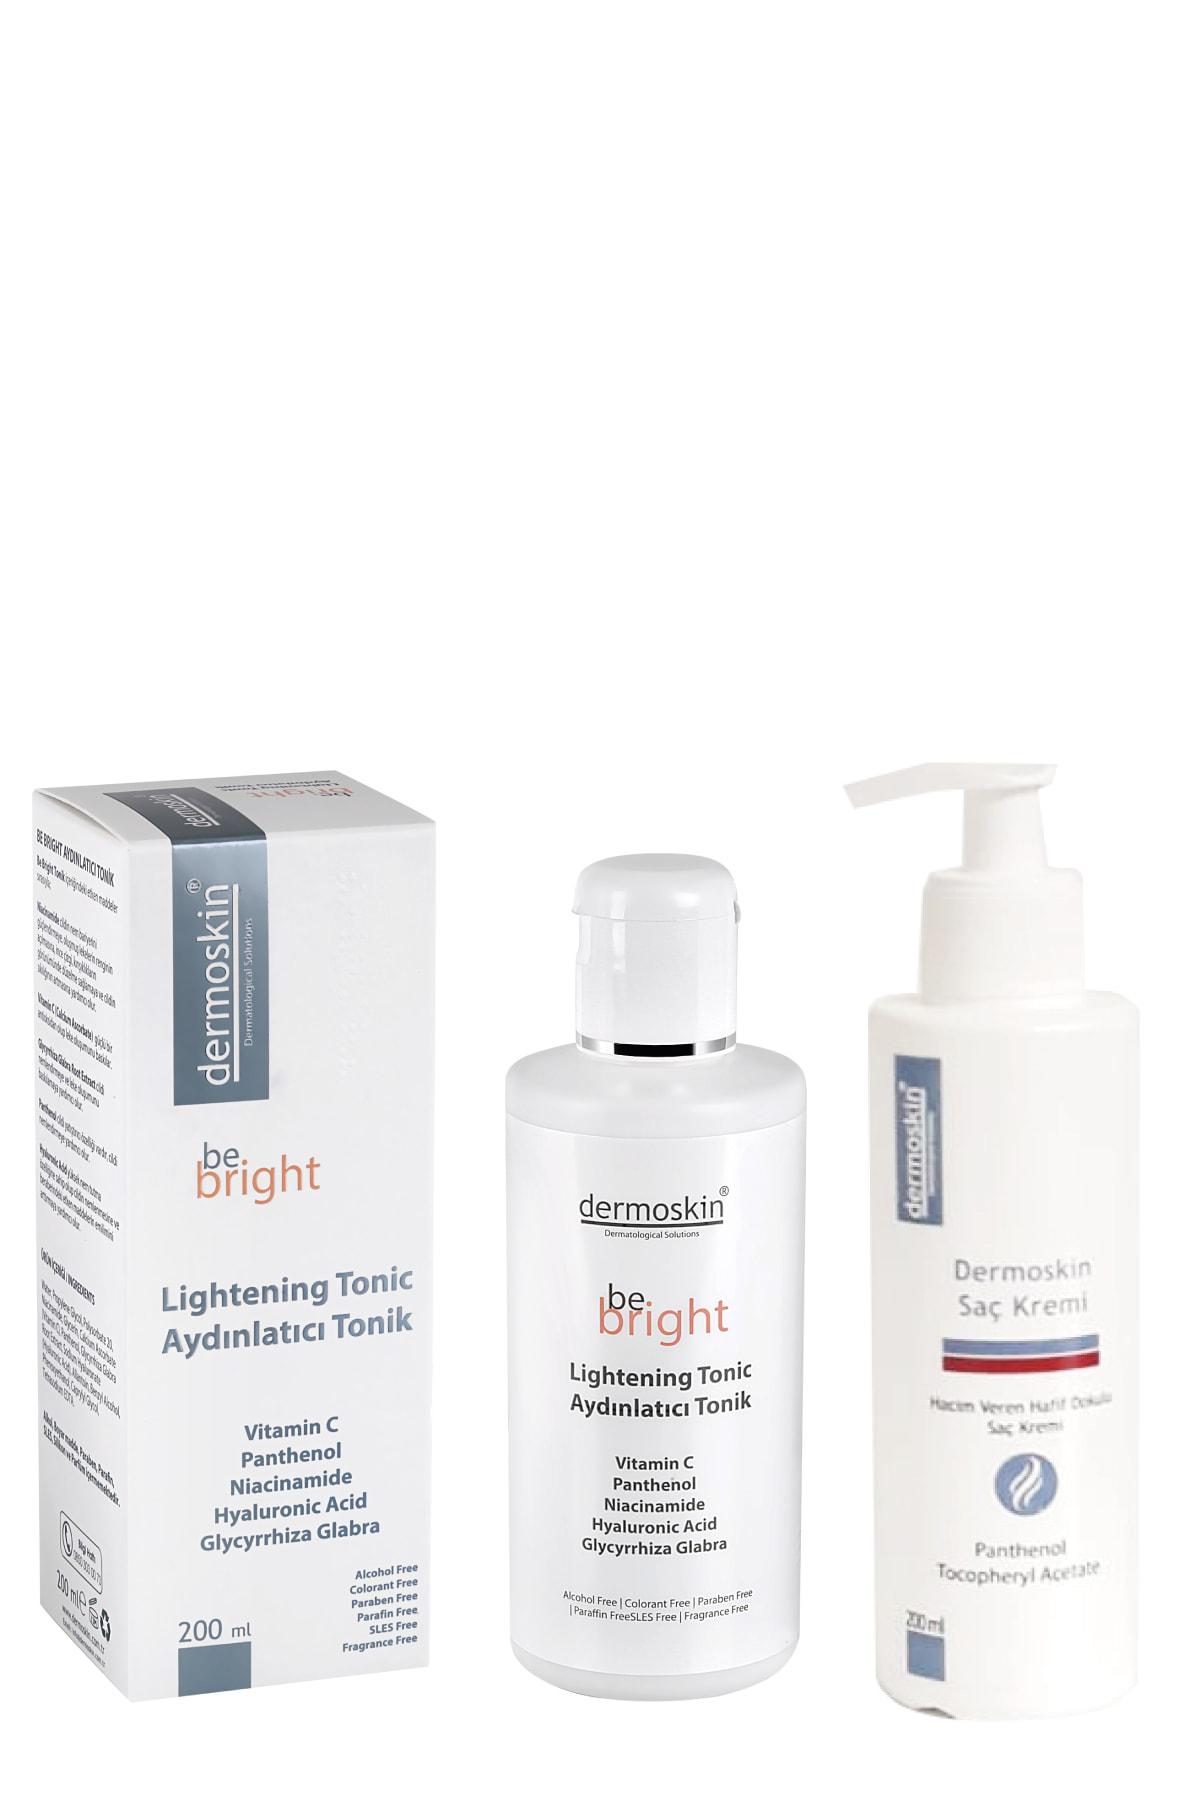 Dermoskin Be Bright Aydınlatıcı Tonik 200 Ml + Saç Kremi Hediyeli Avantaj Paket 200 ml 1